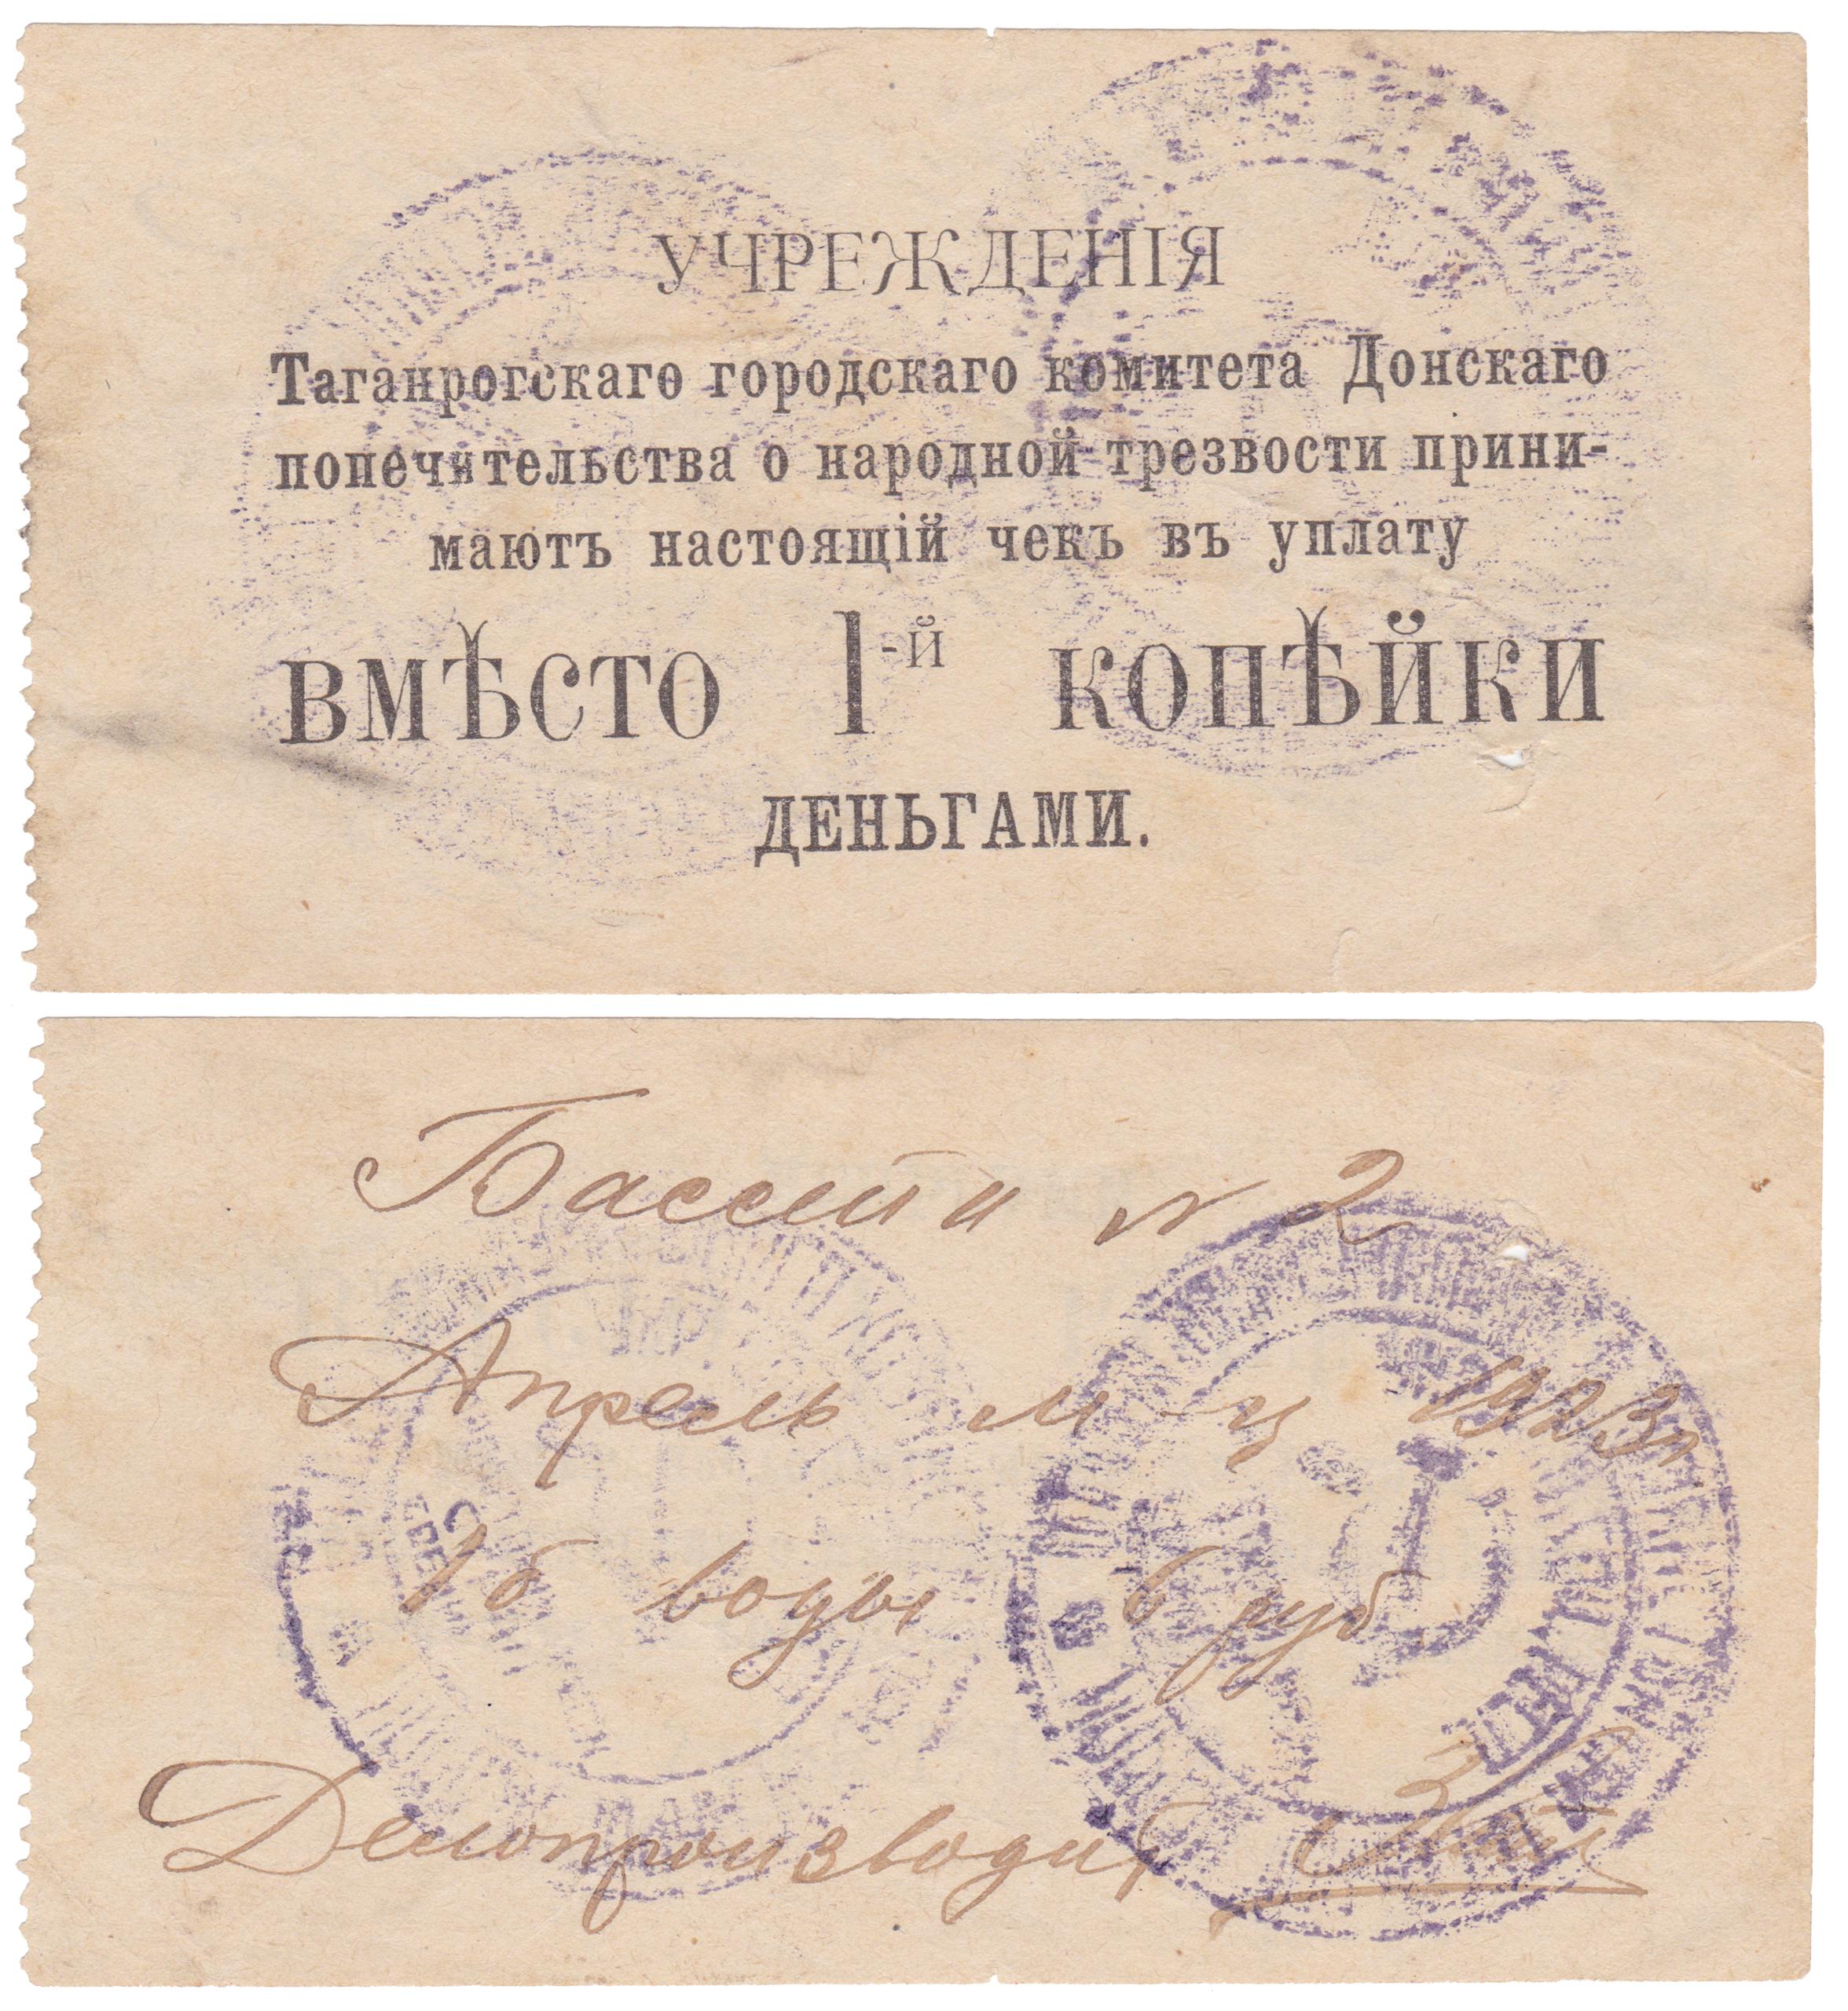 Чек 1 Копейка 1900 год. Таганрогcкий городской комитет Донского попечительства о народной трезвости